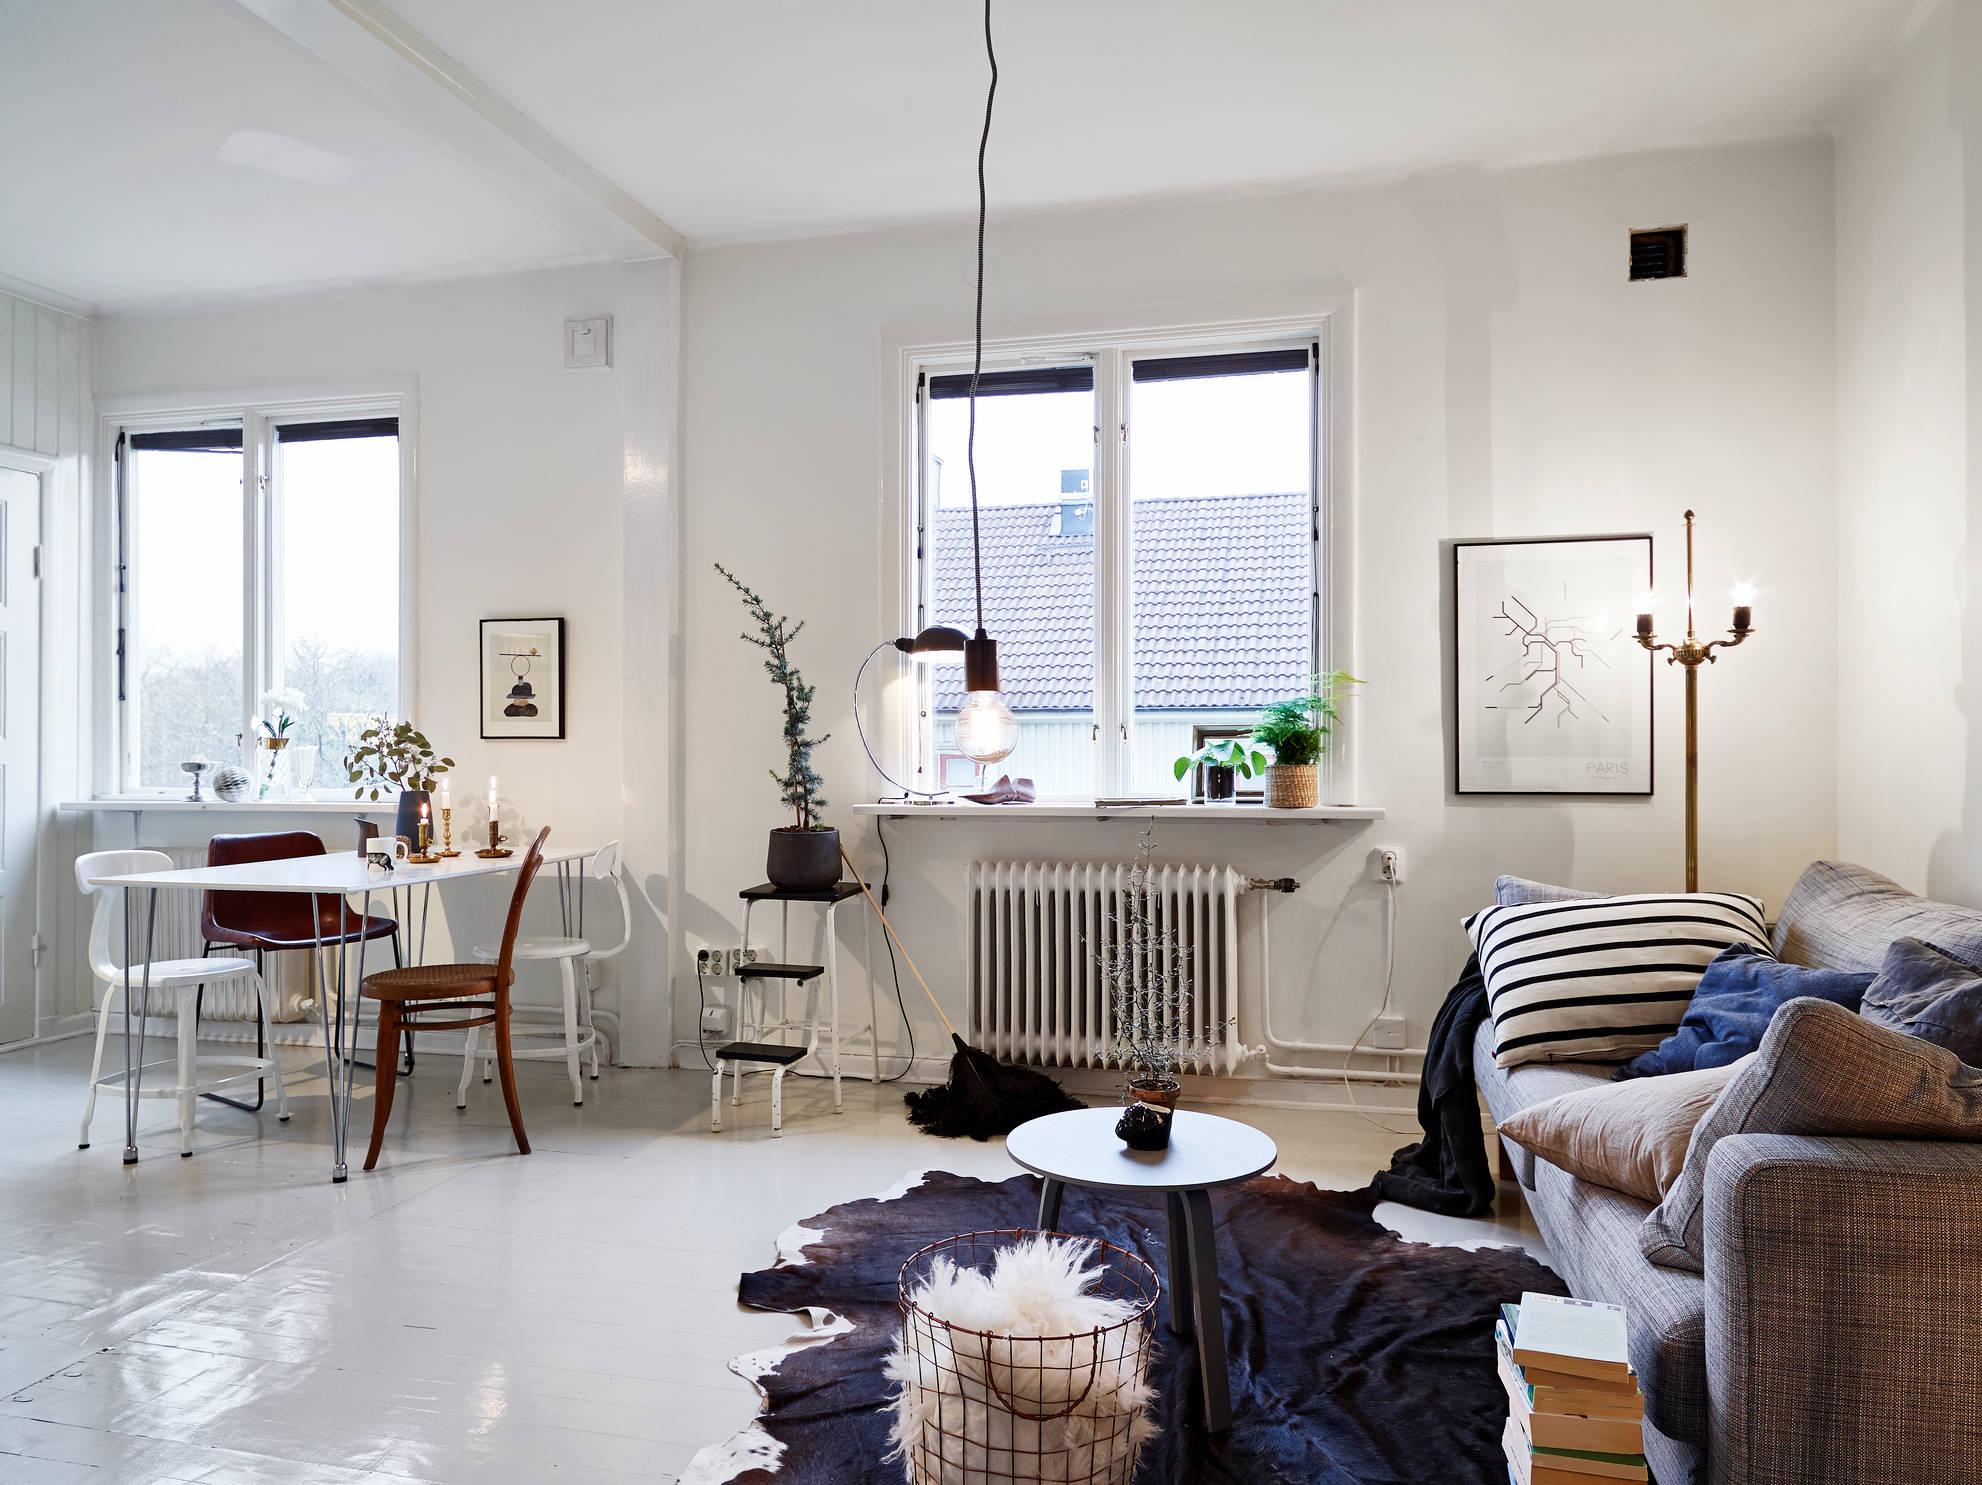 Woonkamer Klein Appartement : Woonkamer slaapkamer en open keuken combinatie in klein